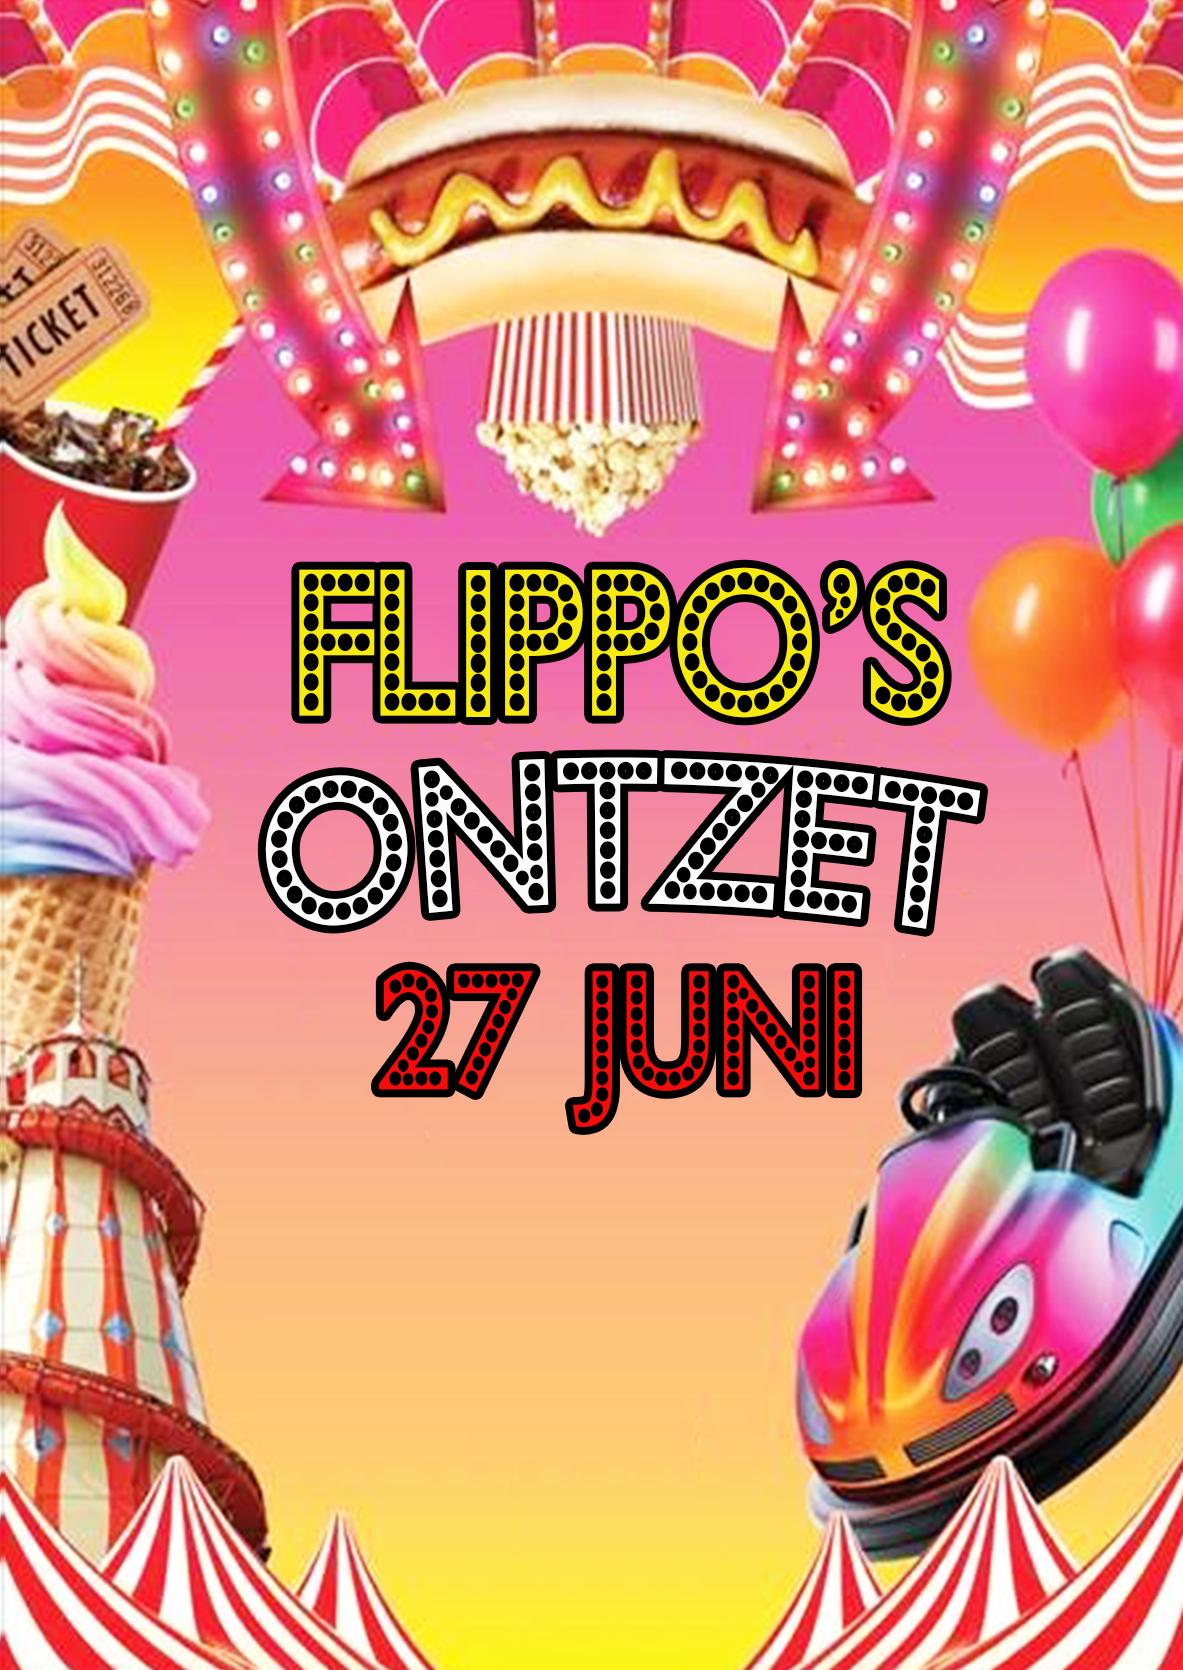 Flippofeest editie 2020: Flippo's ontzet - 27 juni 2020